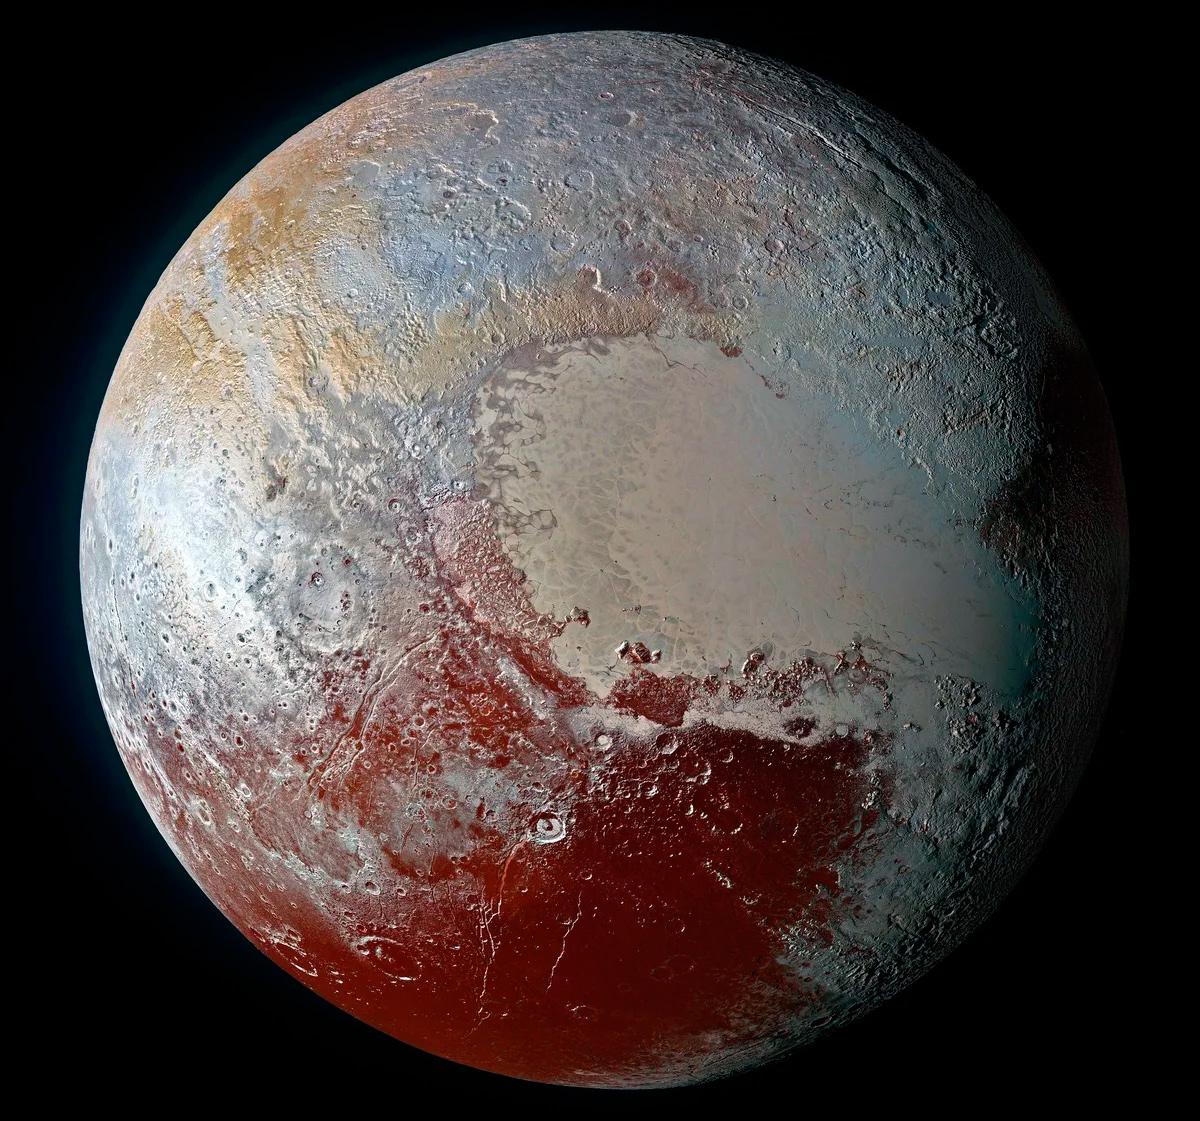 Поверхность Плутона, как её сфотографировала исследовательская станция «Новые горизонты» 14 июля 2015 года